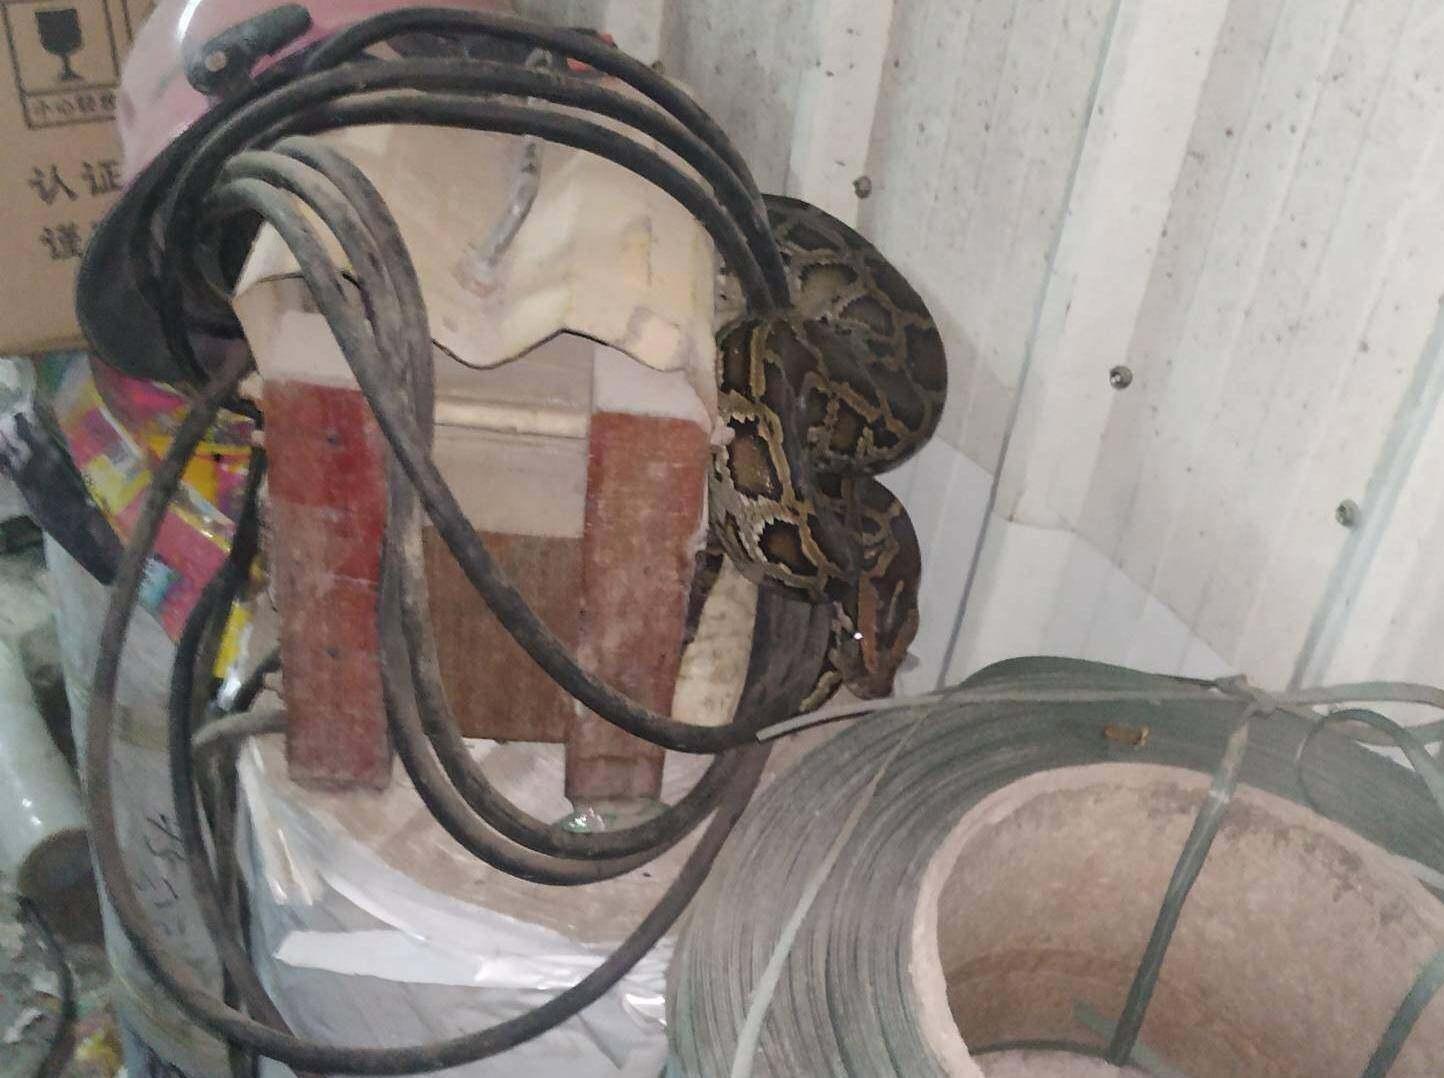 吓人,有人在工厂发现一条比手臂还粗的蛇